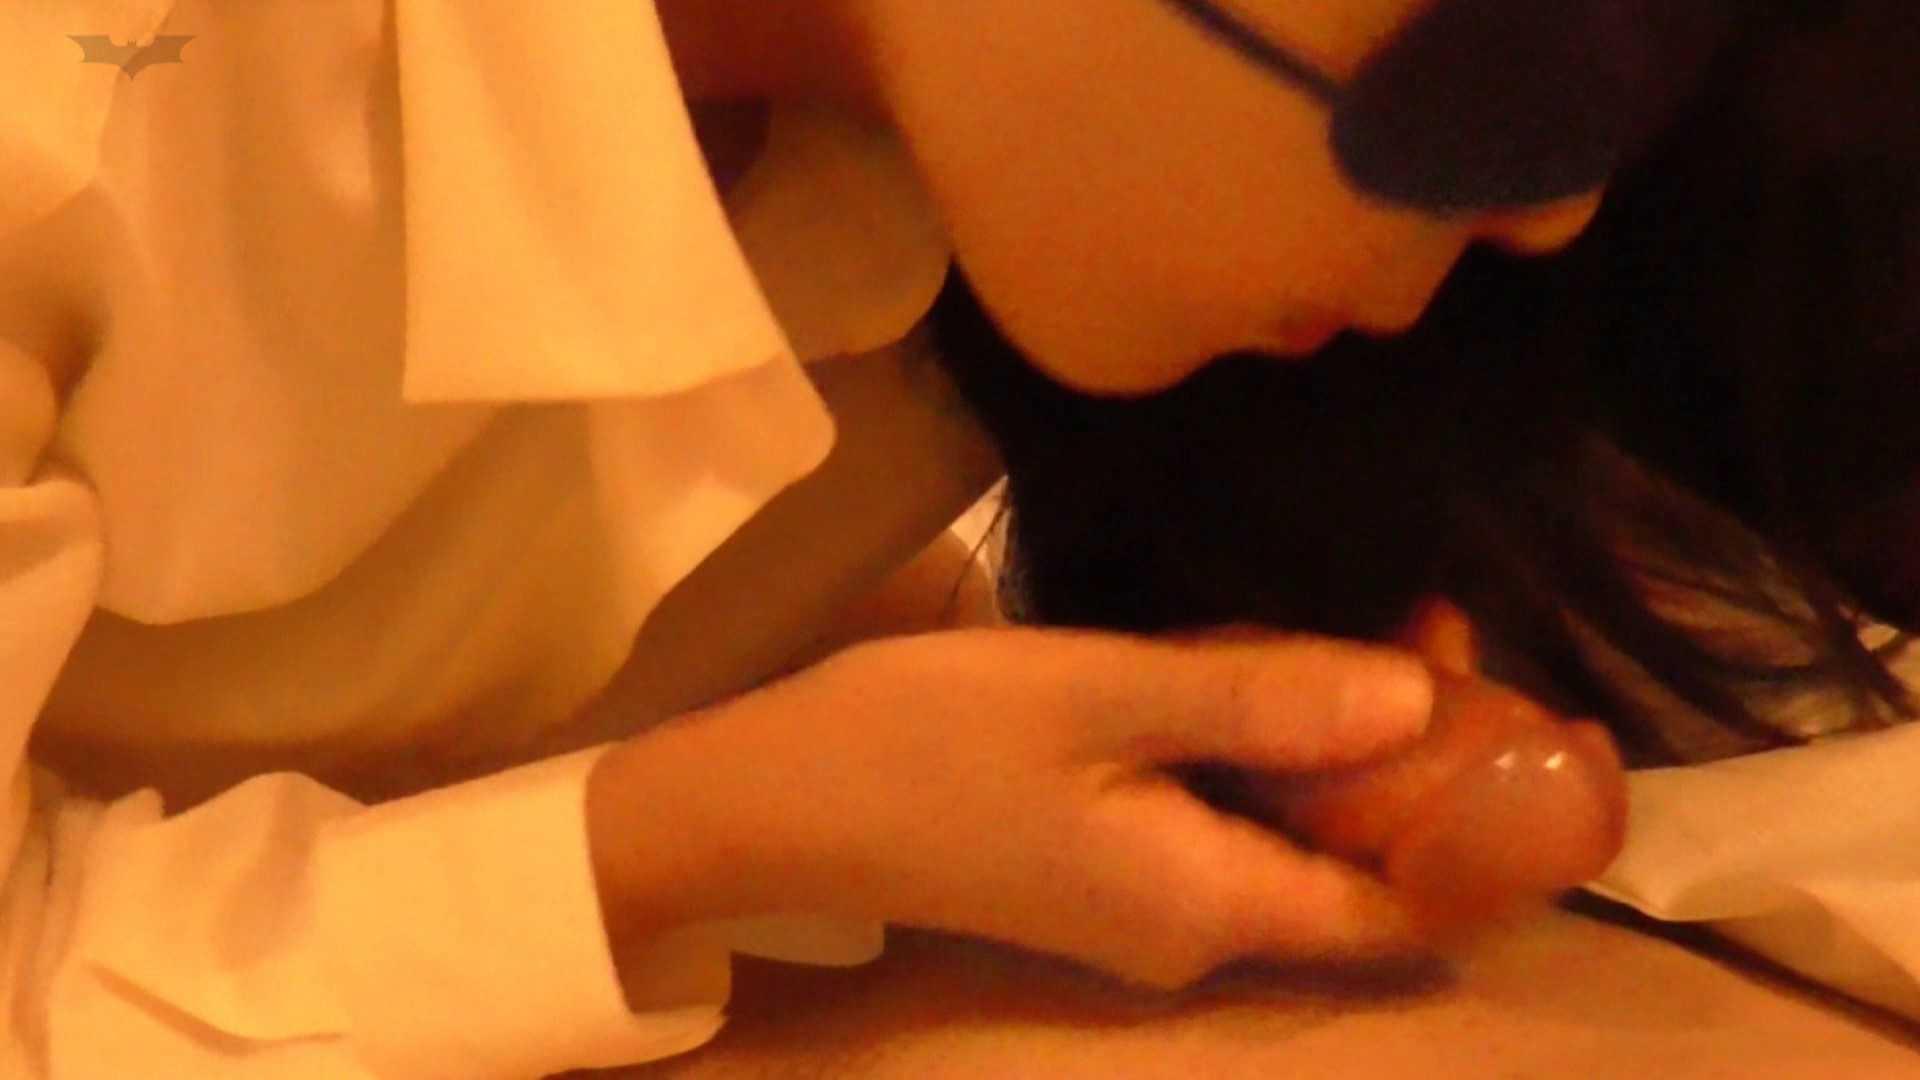 内緒でデリヘル盗撮 Vol.01前編 えっろいデリ嬢がチュパチュパごっくん! 盗撮 | エッチなOL  78枚 55